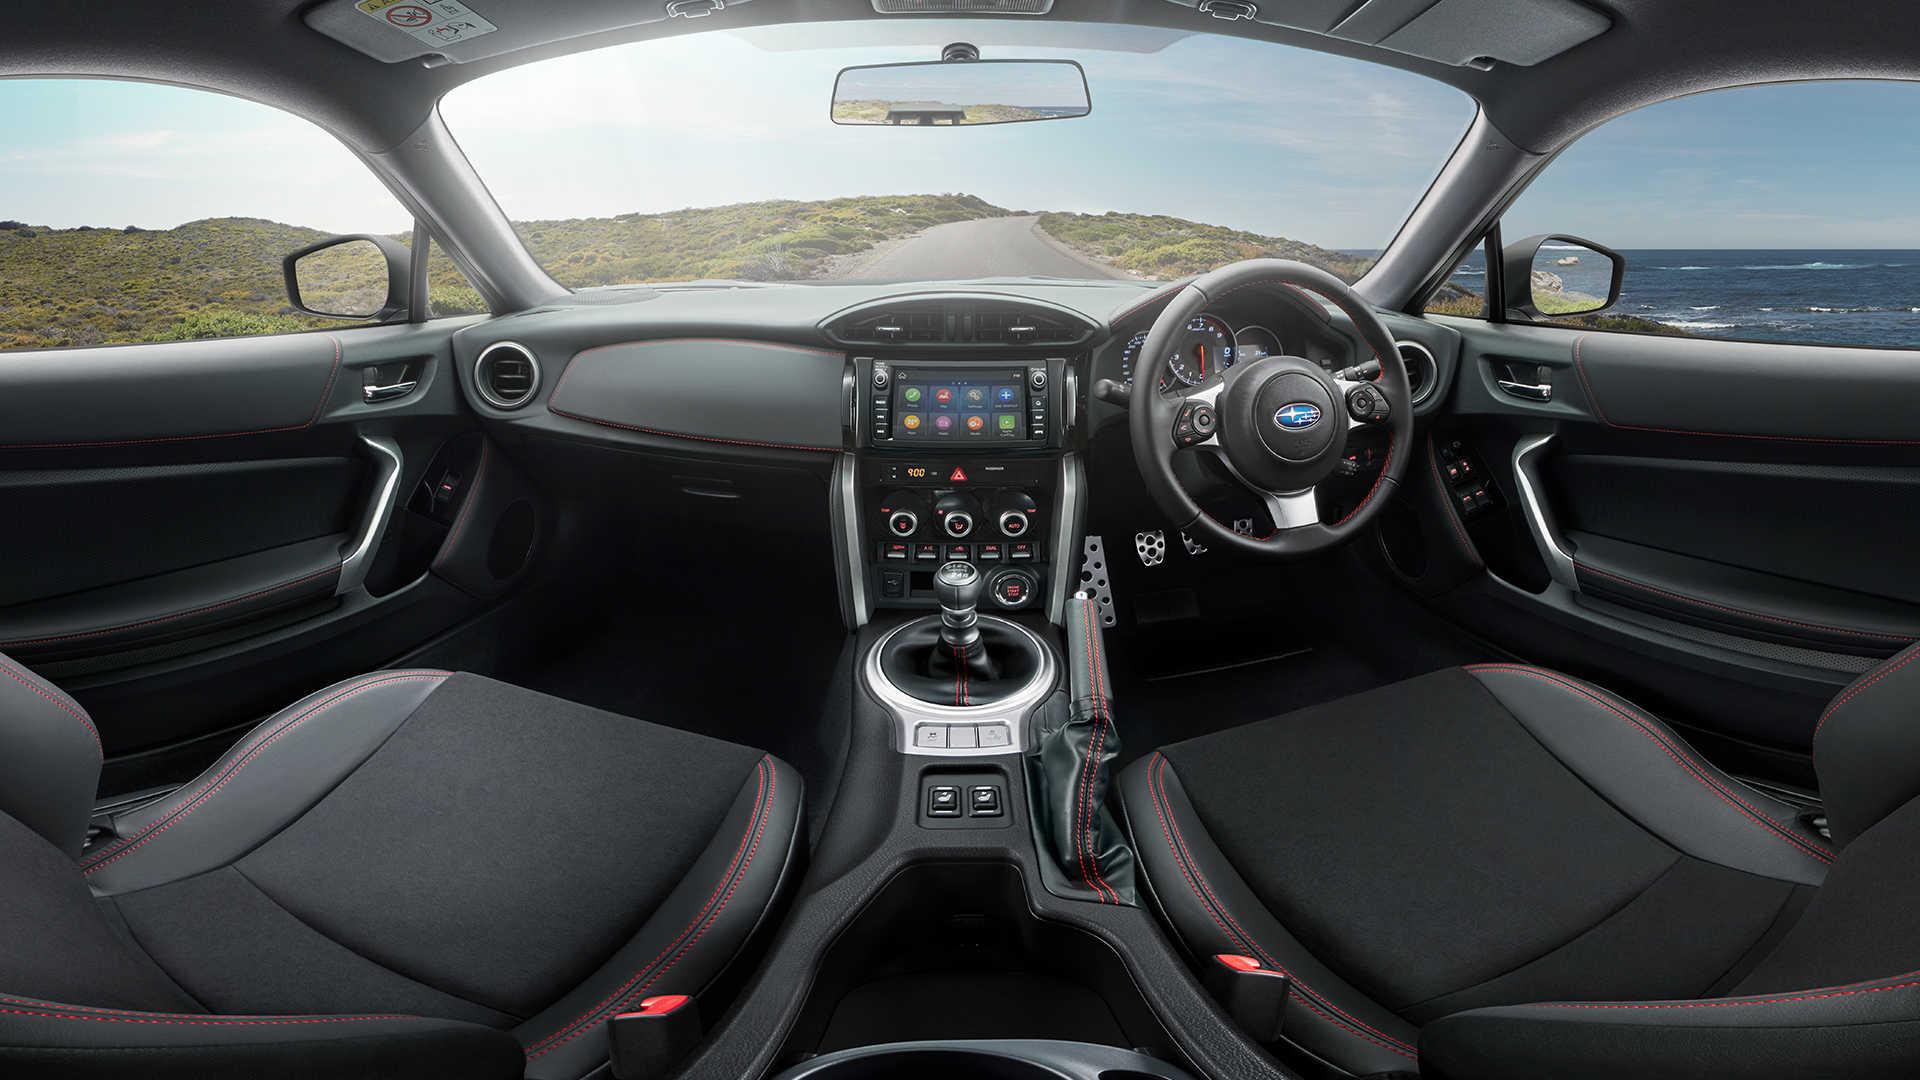 Experience A 360 View Of The 2020 Subaru Brz Interior Subaru